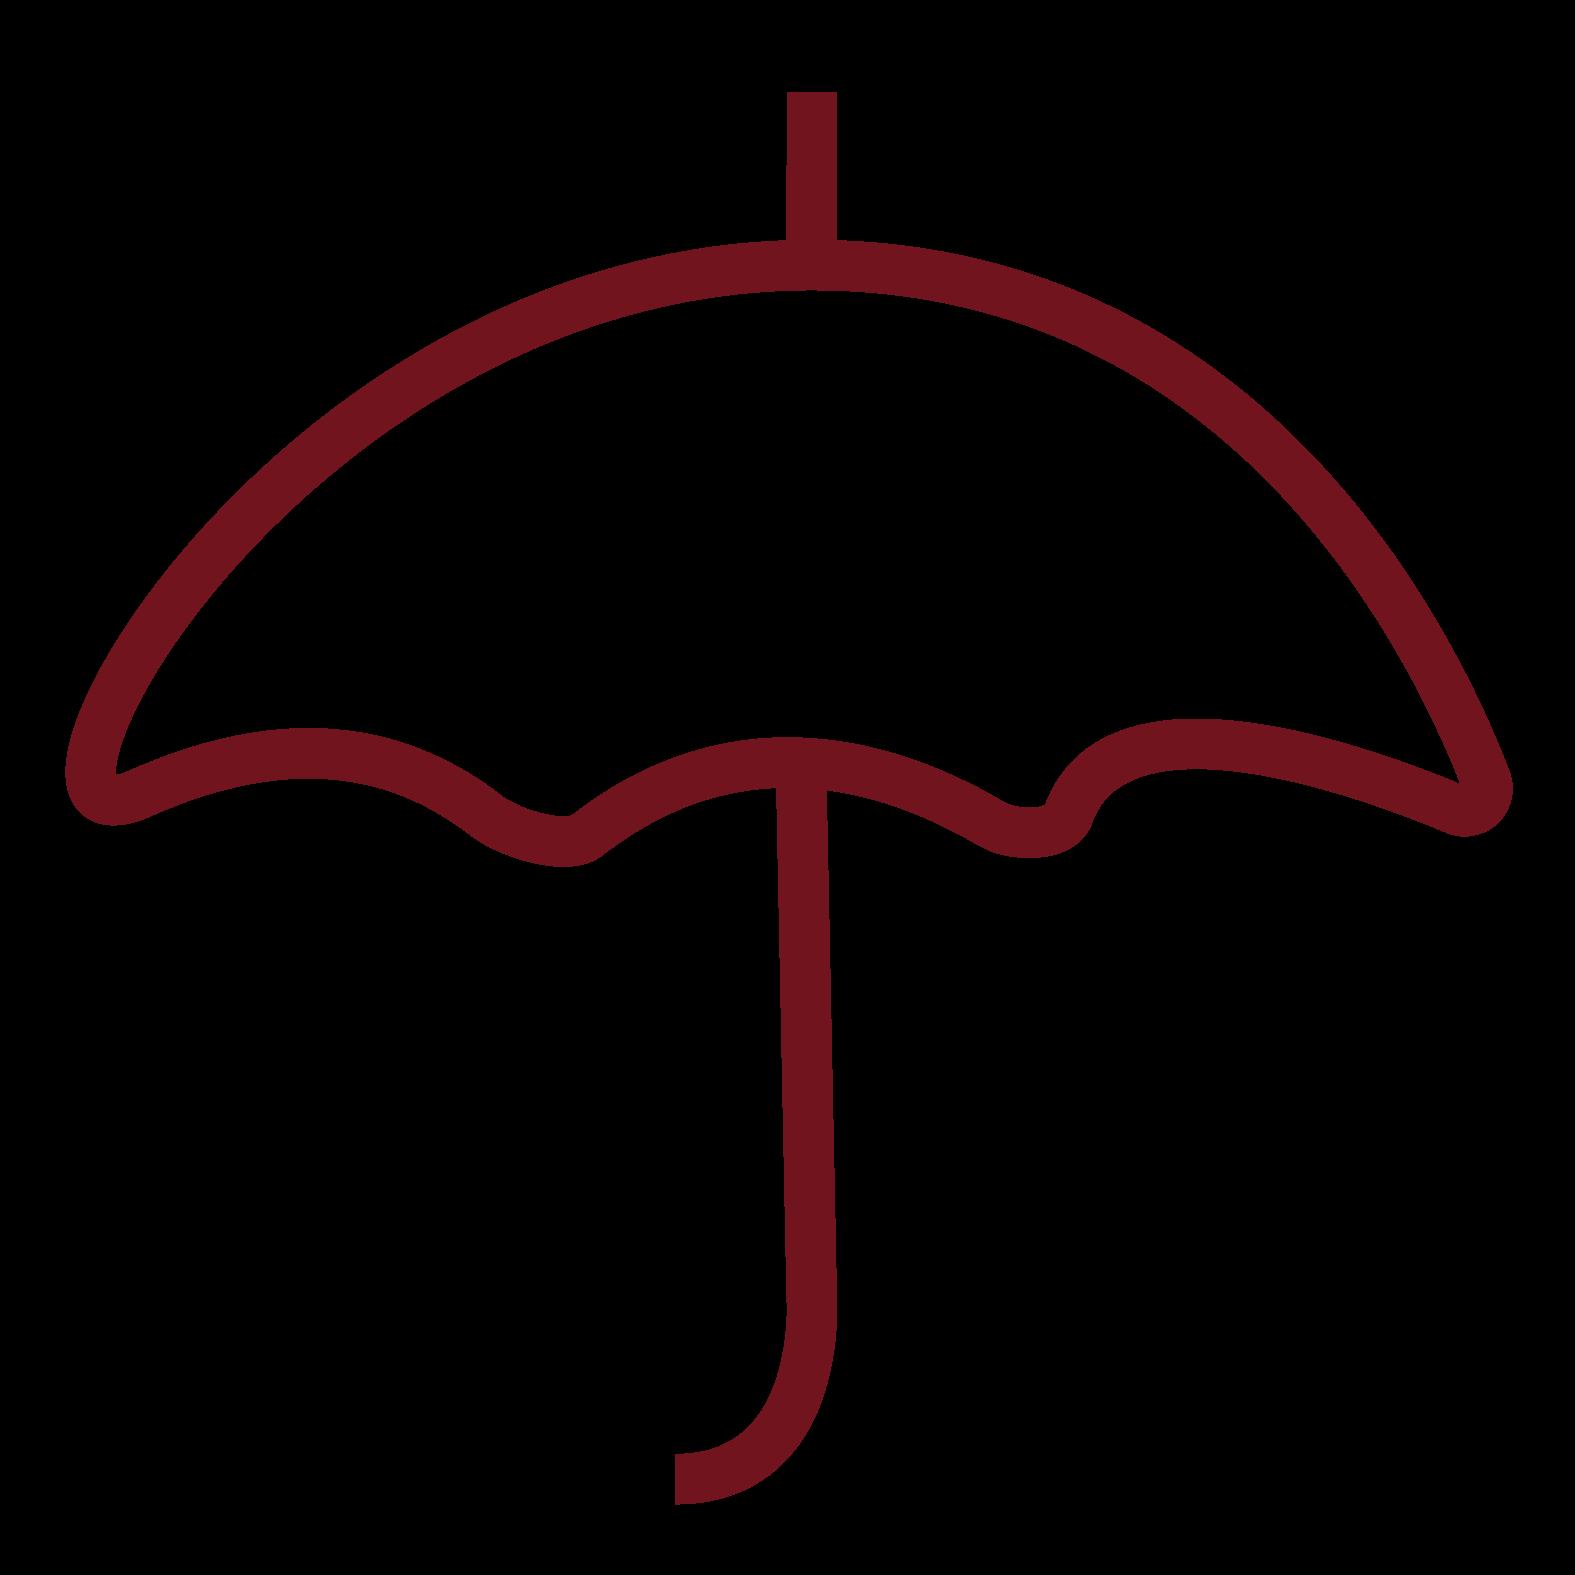 Copy of Umbrella